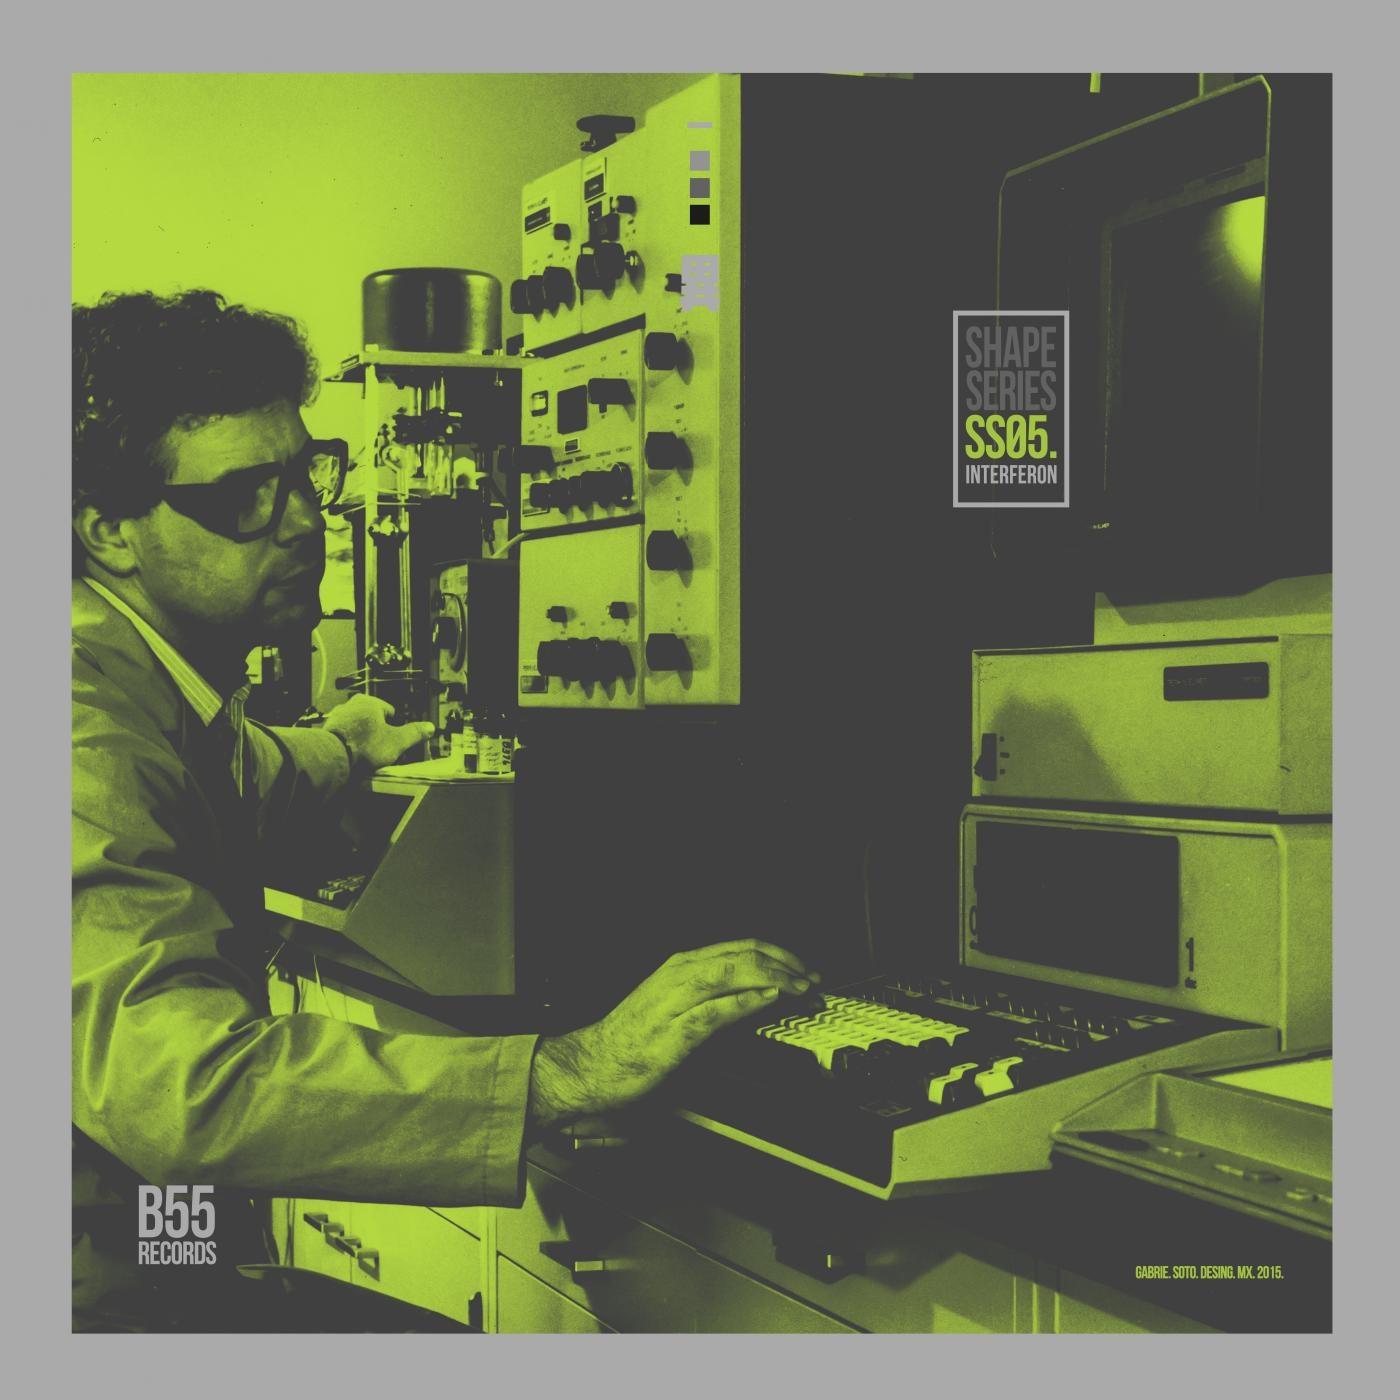 INTERFERON - Envenomed (Original mix)